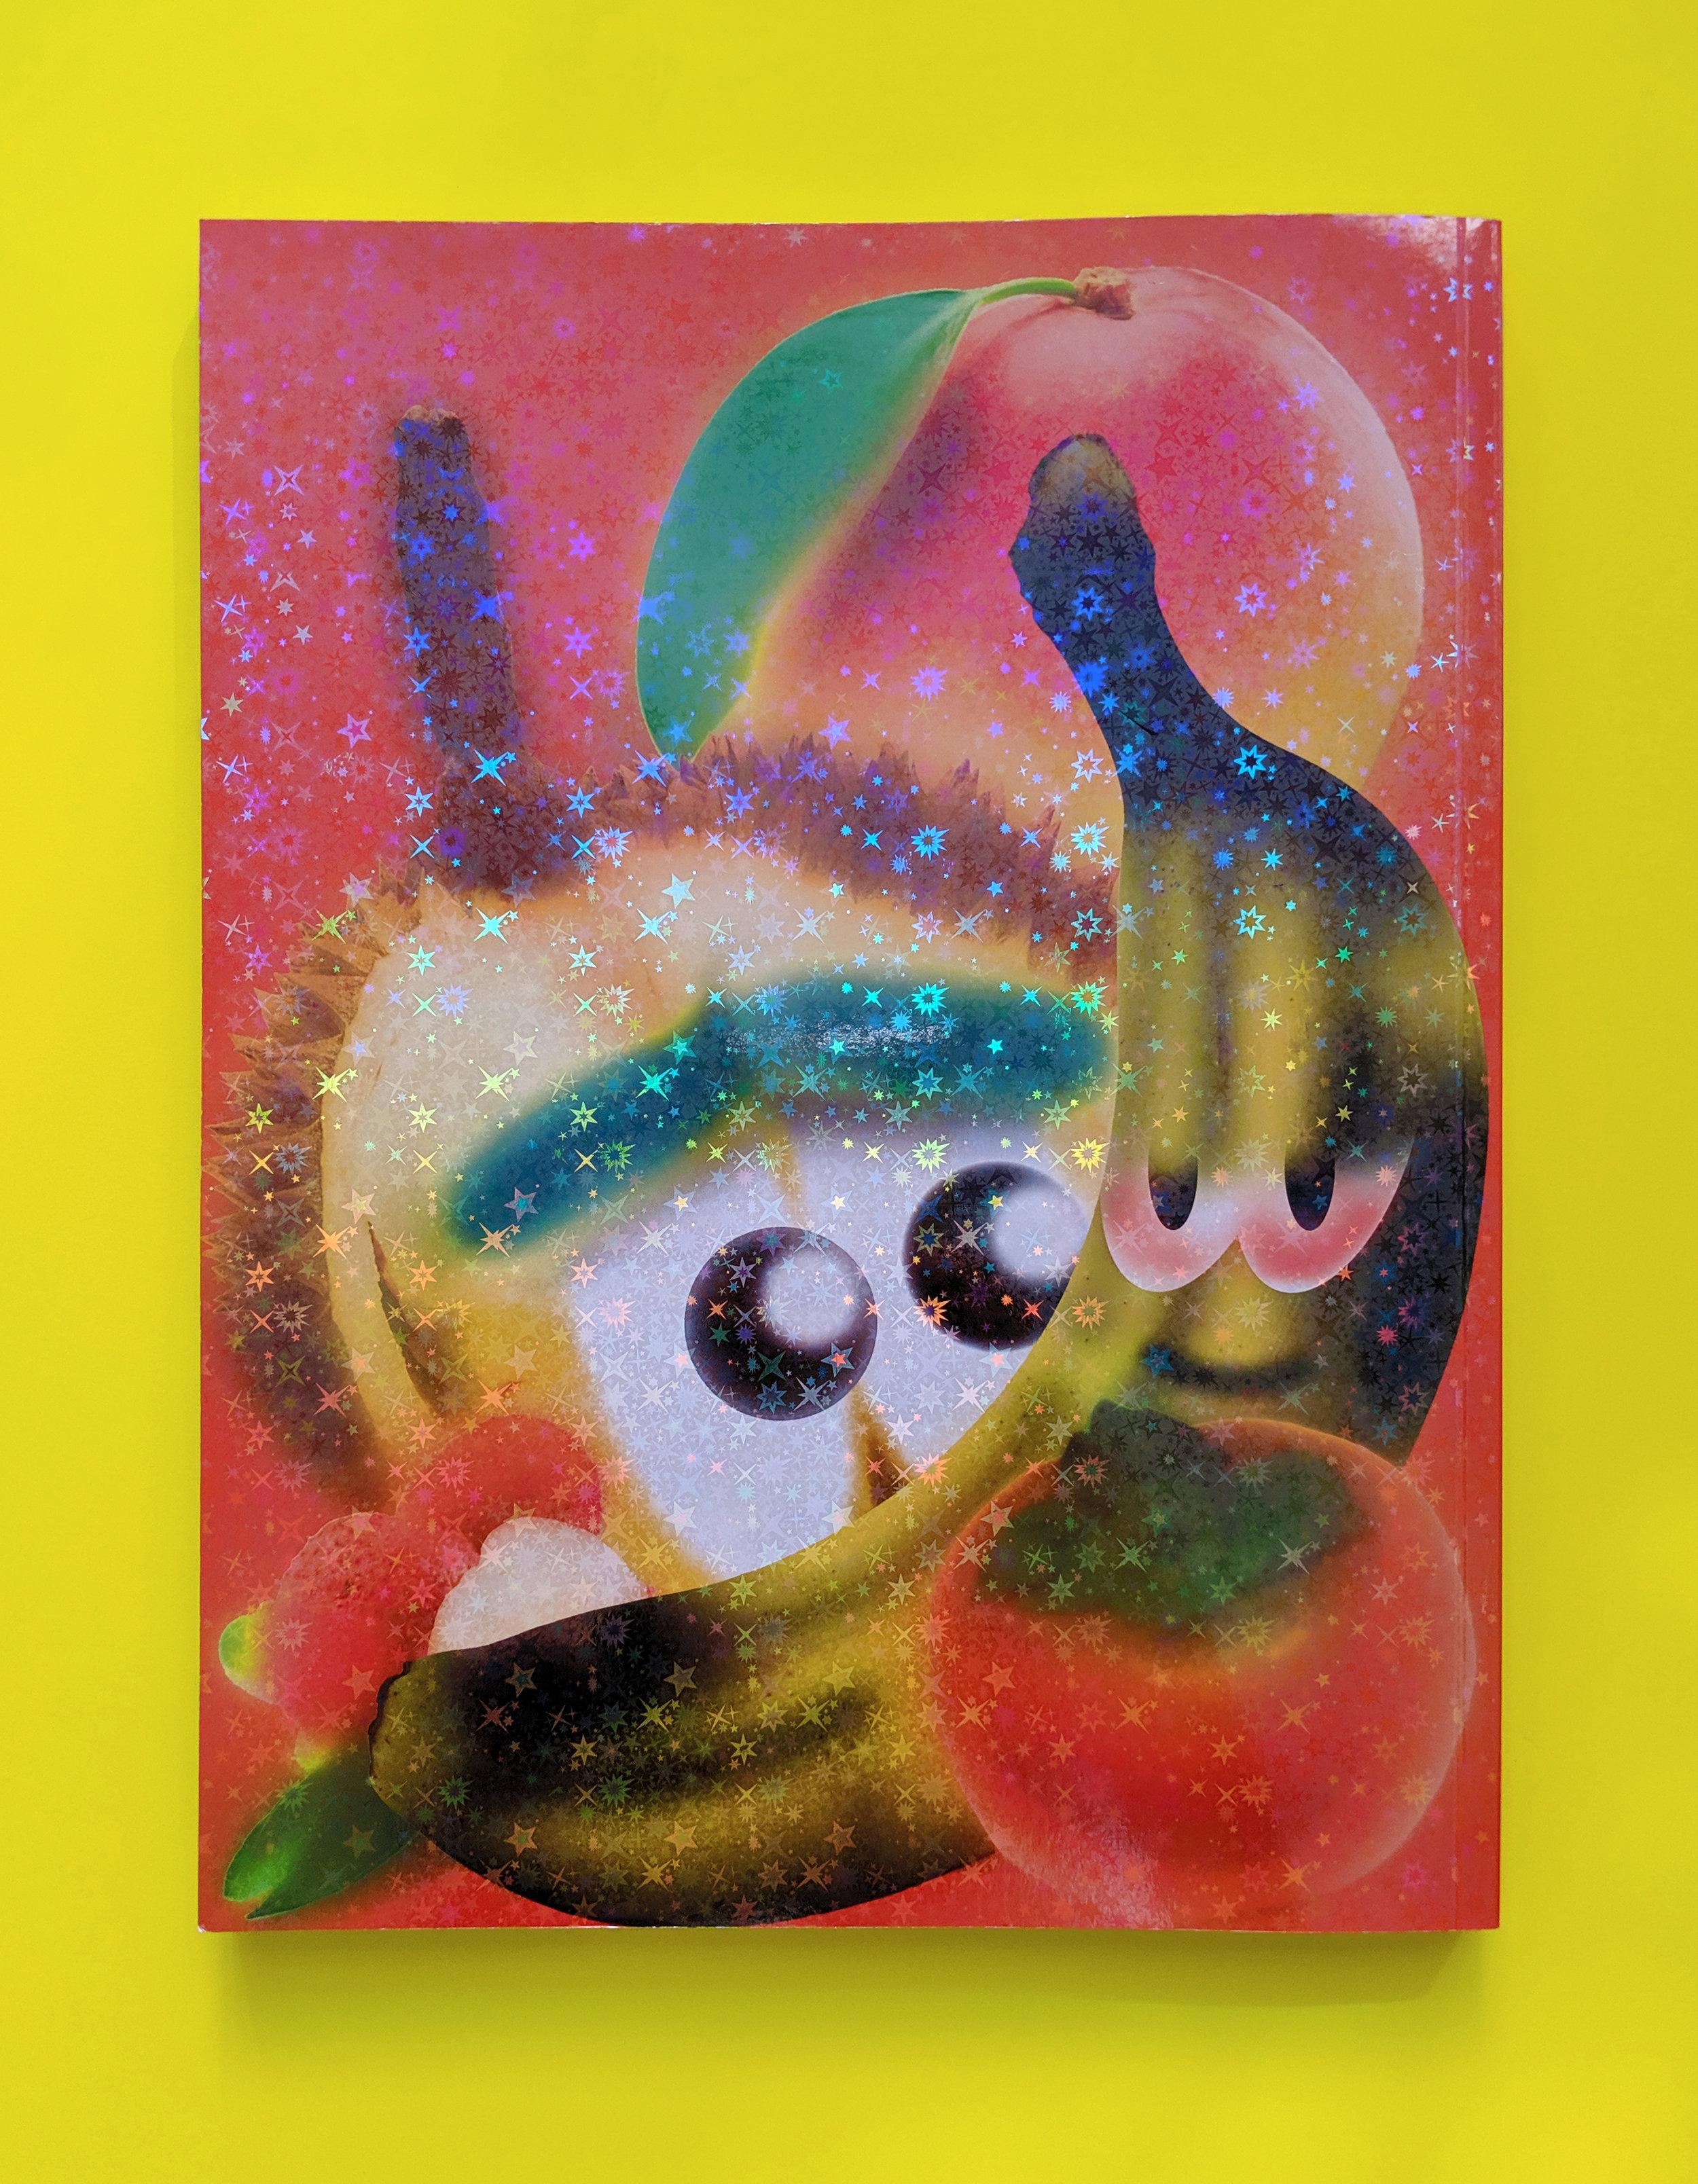 Banana005back.jpg